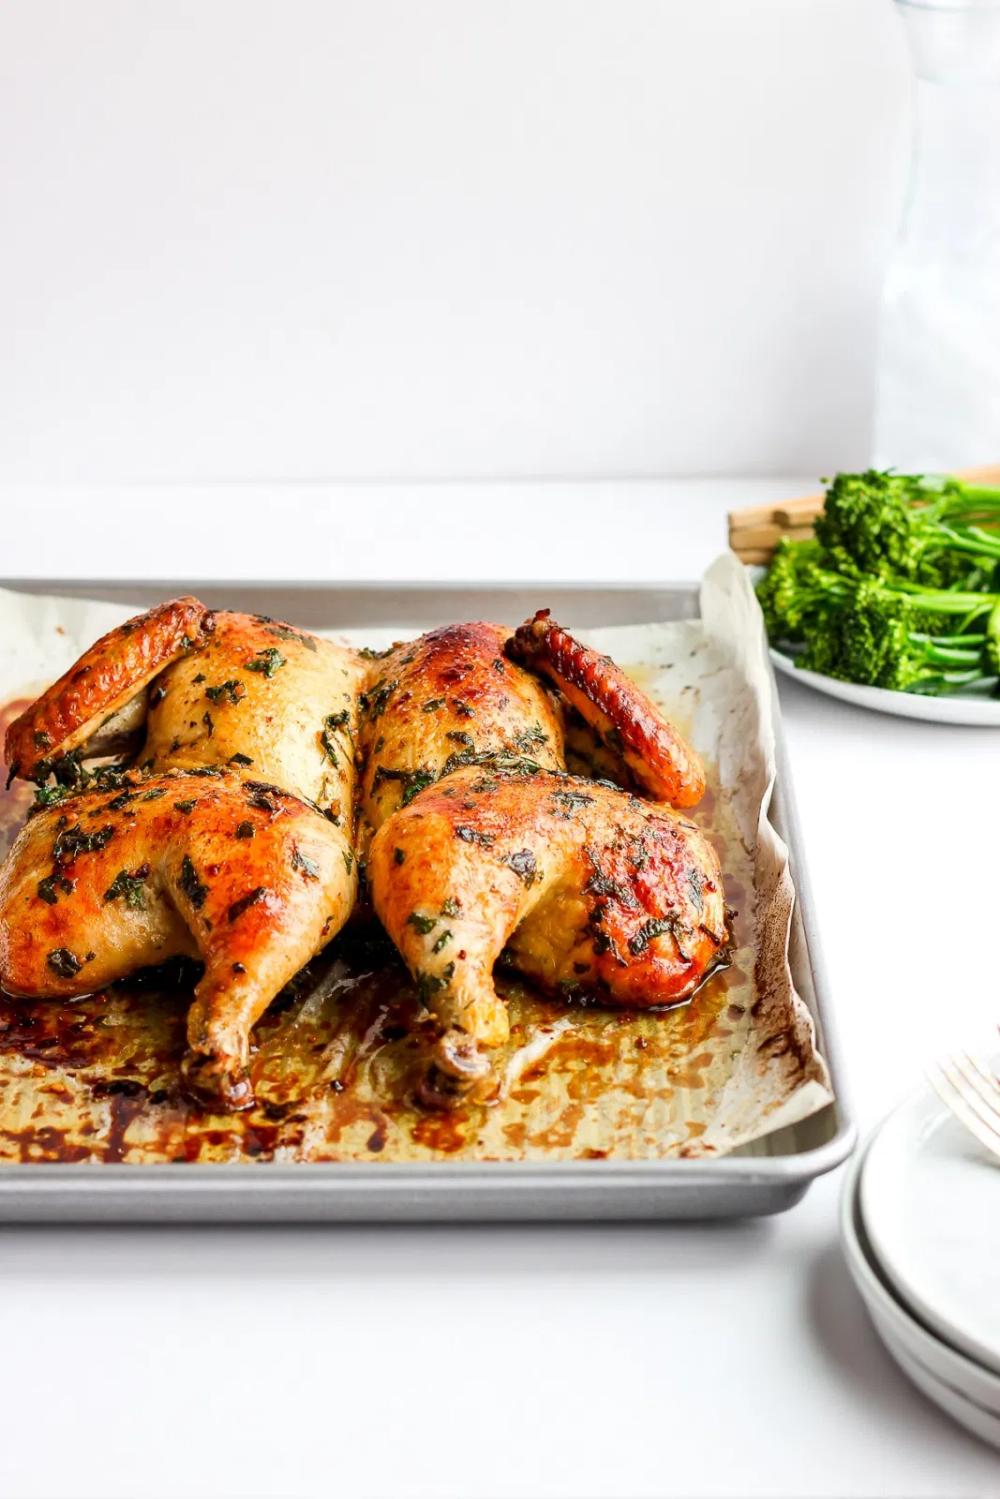 Sunday Dinner Butterflied Chicken Recipe Recipe Butterflied Chicken Best Whole Chicken Recipe Chicken Recipes